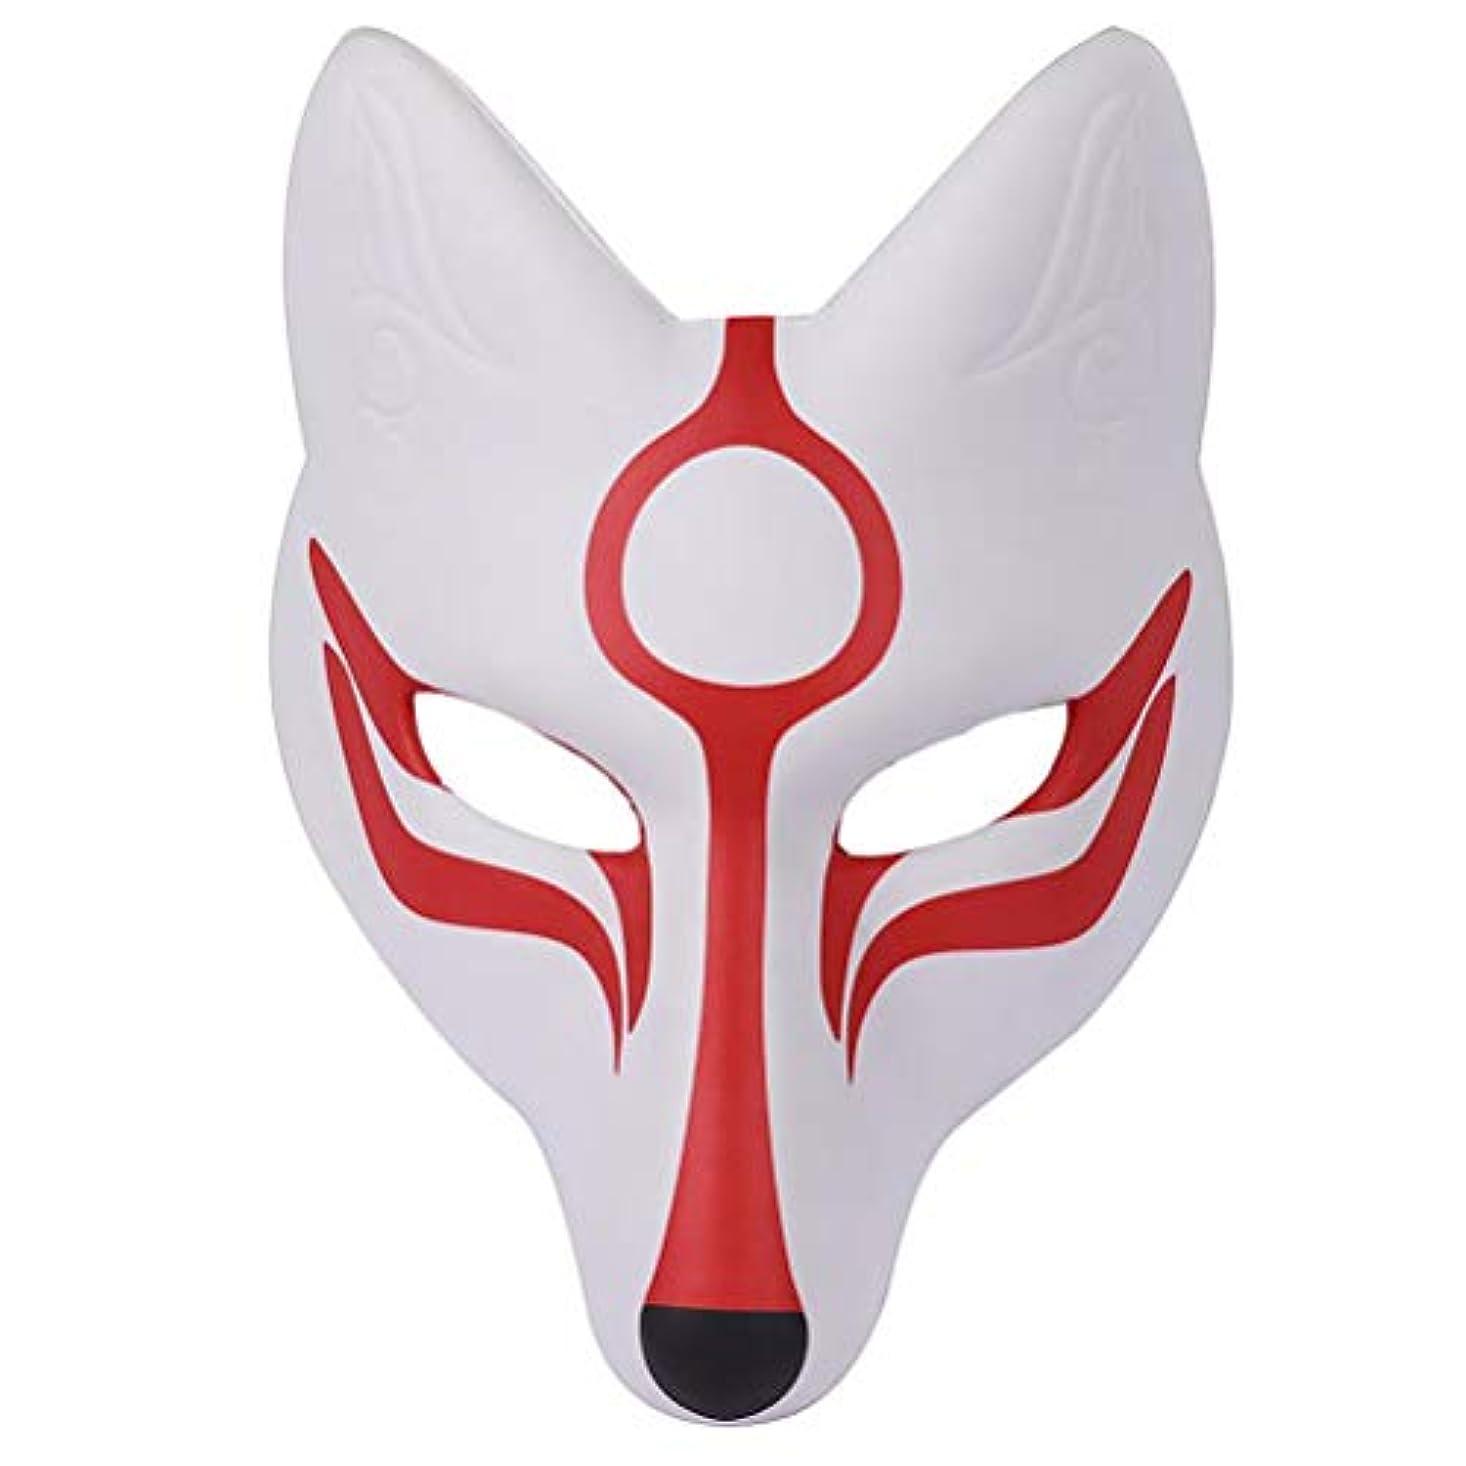 超えて復讐ウォルターカニンガムAMOSFUN フォックスマスク日本歌舞伎きつねマスク用男性女性子供ハロウィーン仮装衣装プロップ